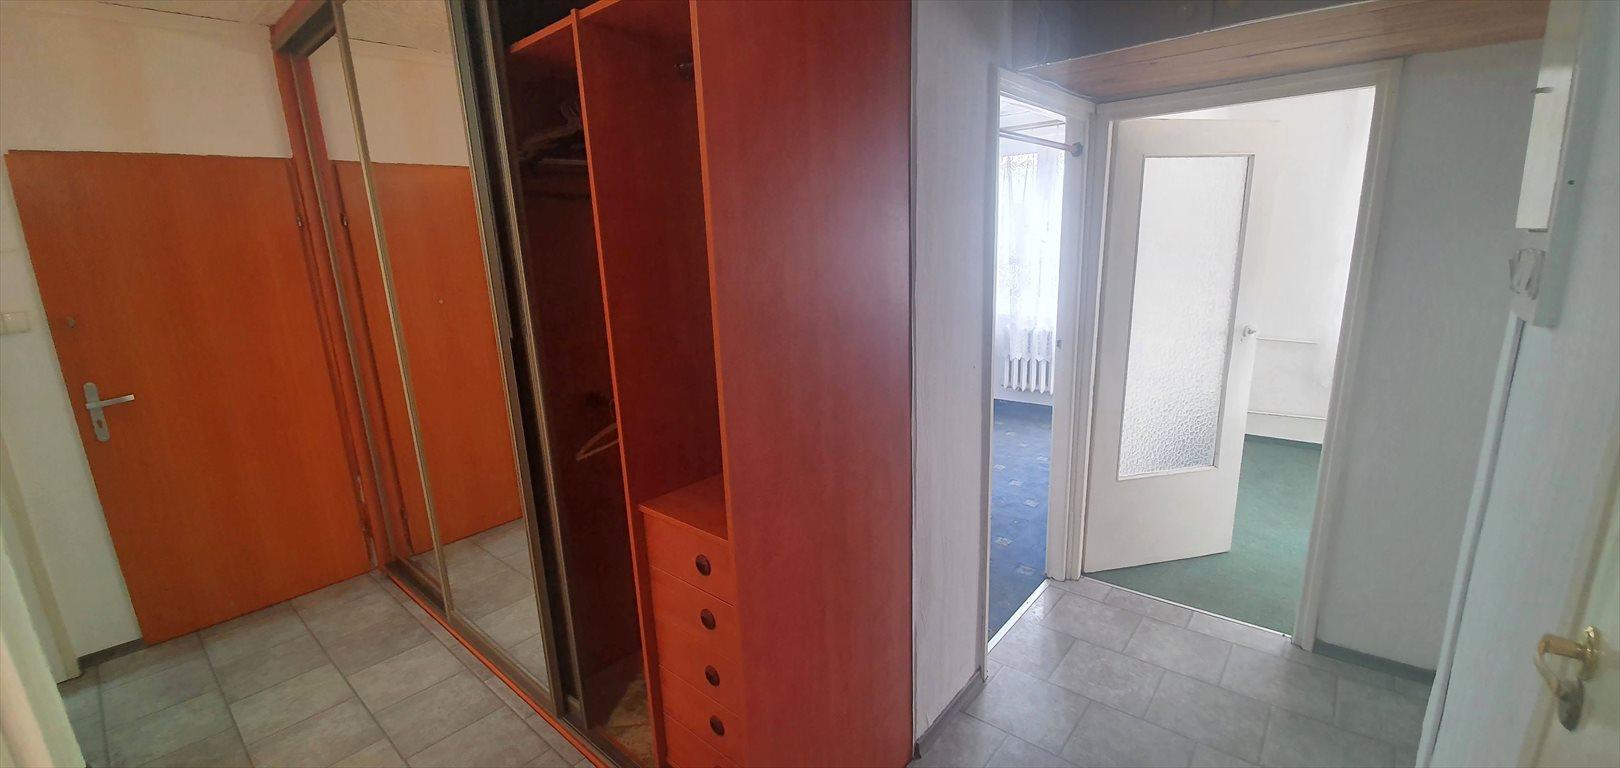 Mieszkanie trzypokojowe na wynajem Bytom, Stroszek, Sikorskiego  60m2 Foto 10